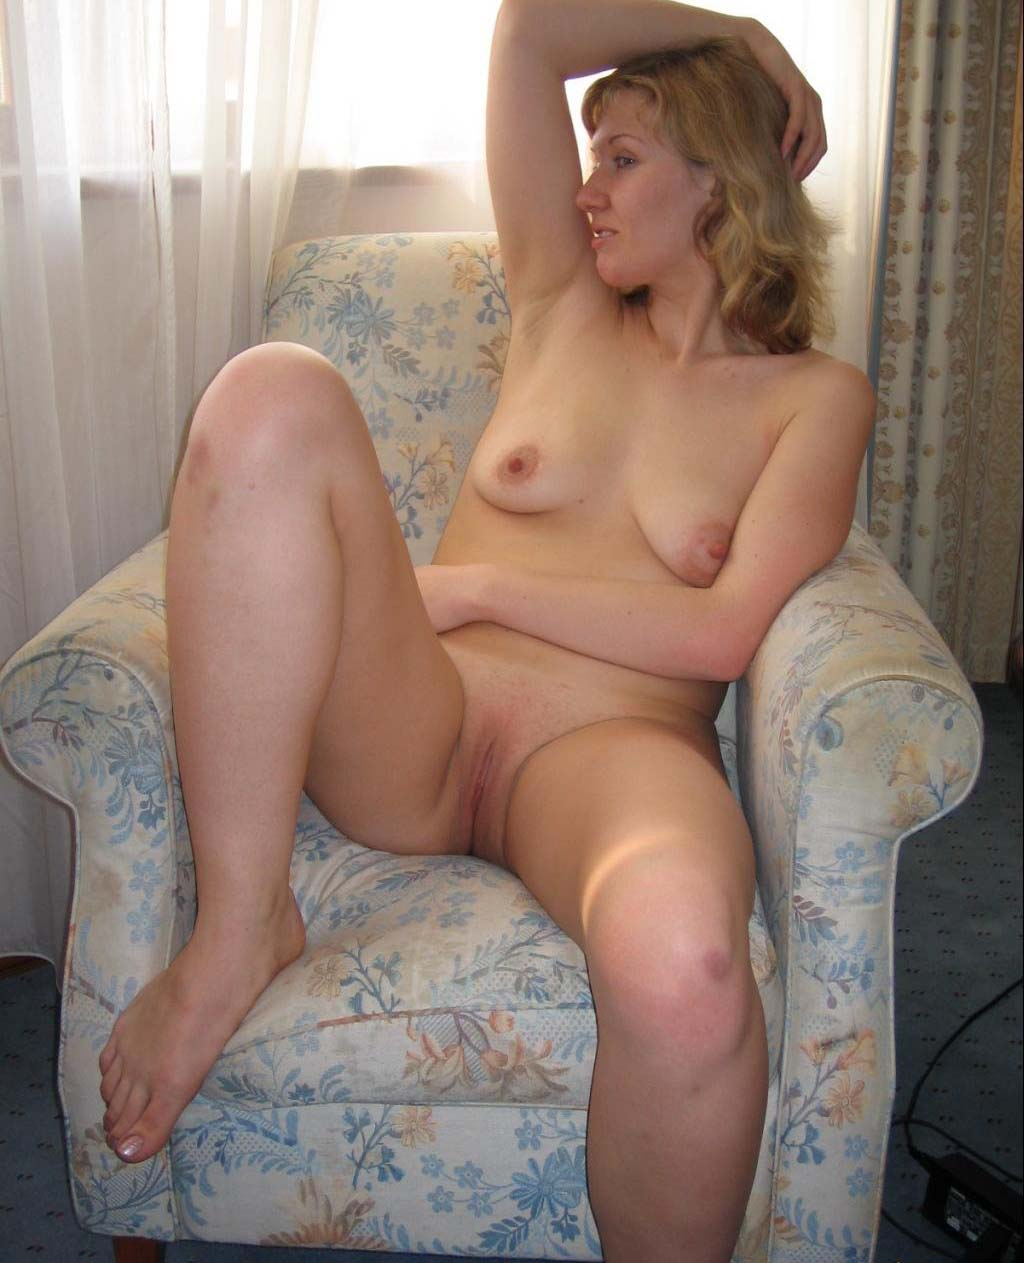 Фотоподборка домашних голых девушек 20 фотография